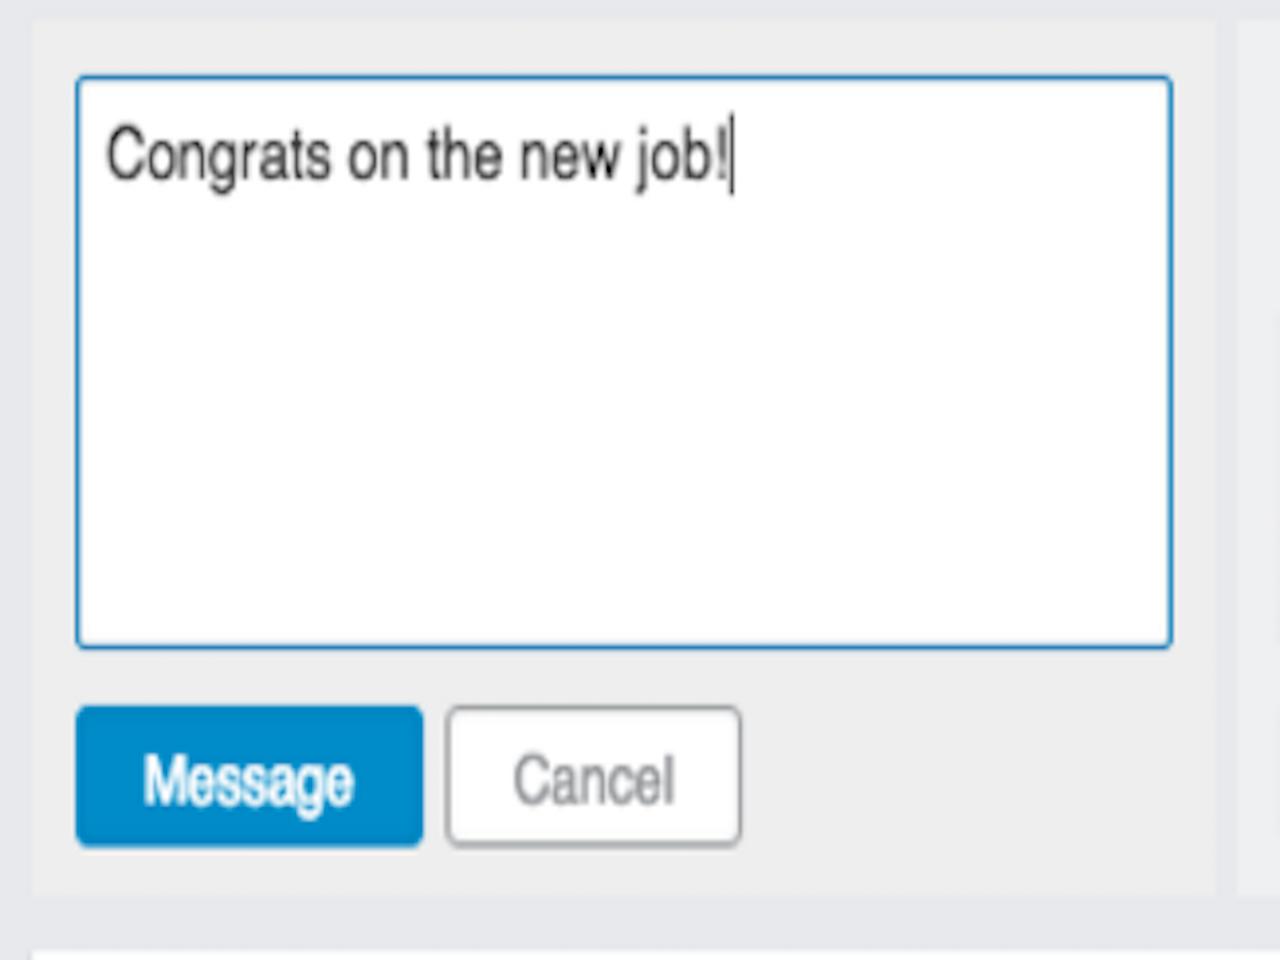 congrats_new_job.png